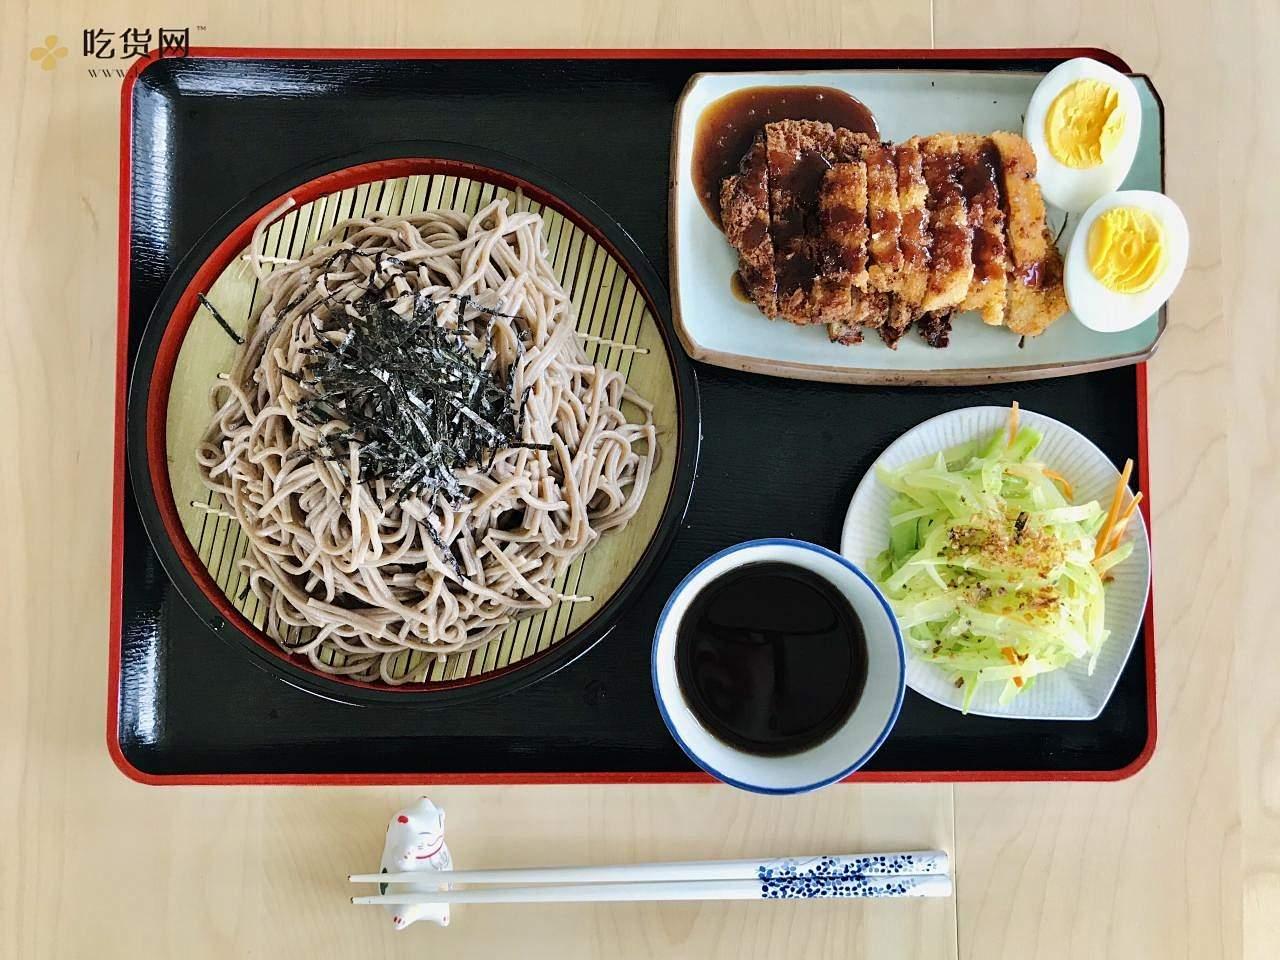 日式荞麦凉面 套餐 夏日的清凉美味的做法 步骤4